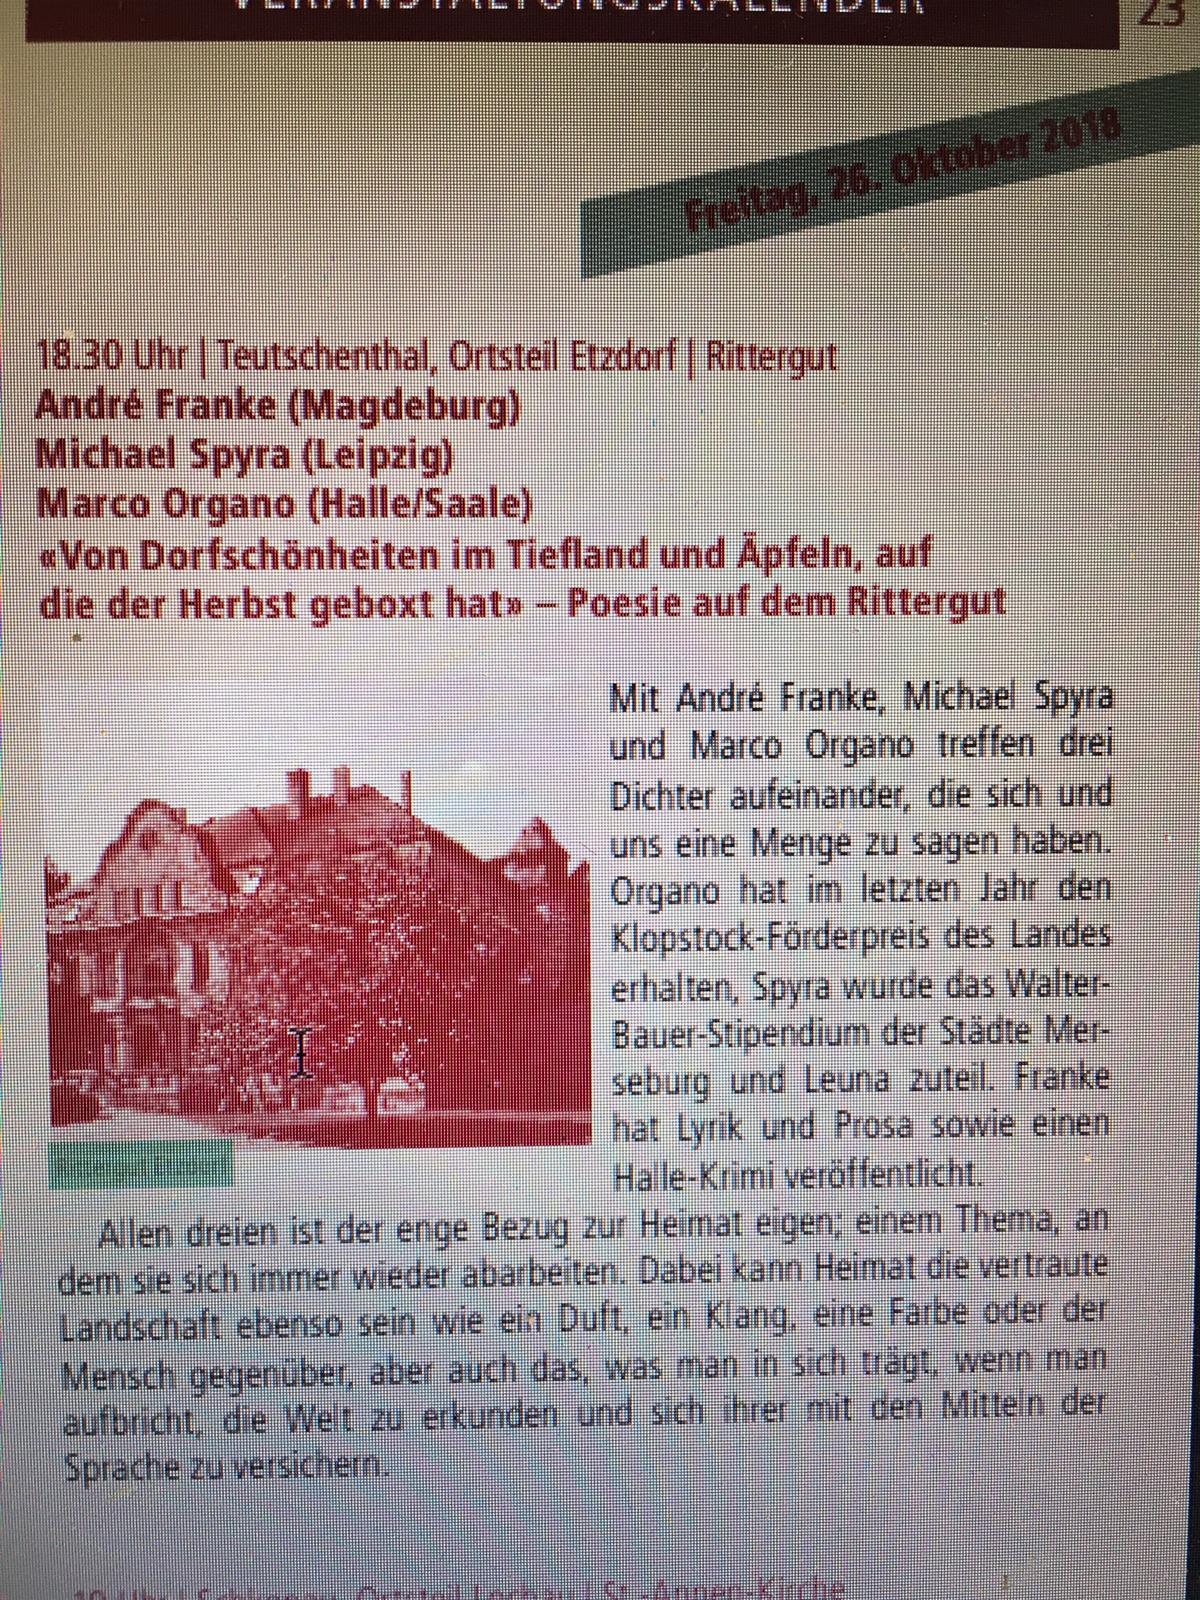 Poesie auf dem Rittergut Etzdorf